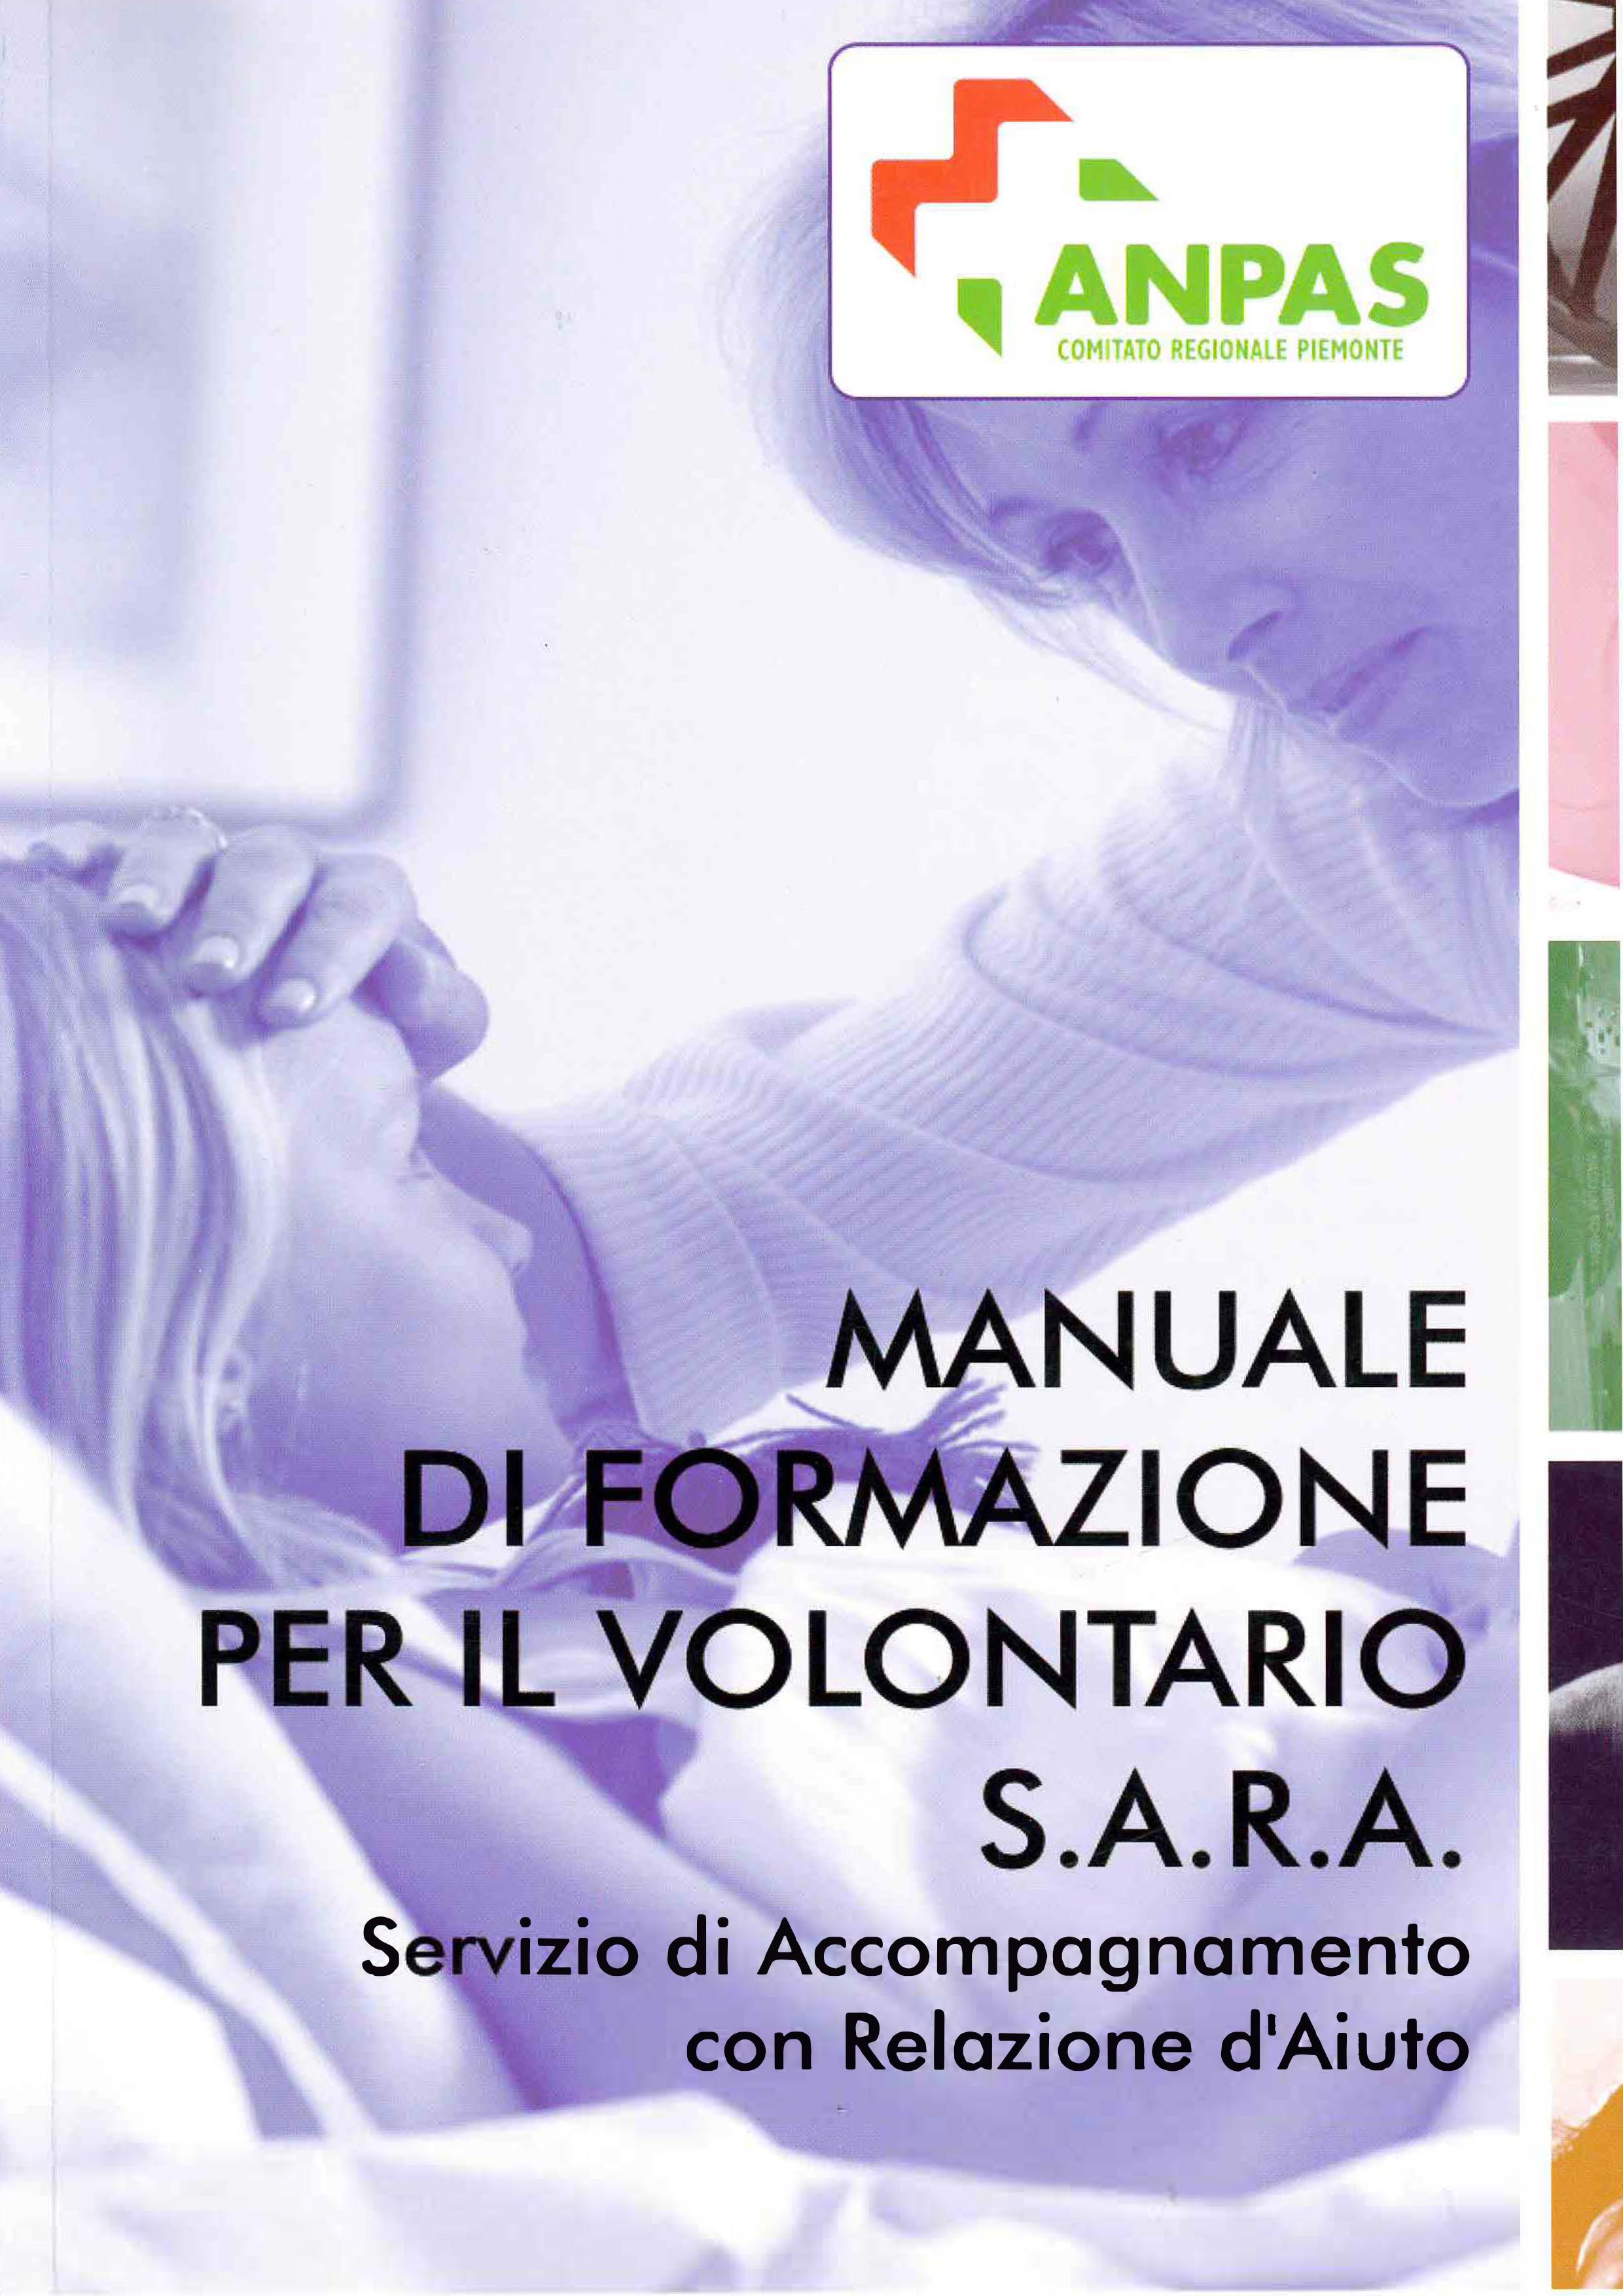 MANUALE DI FORMAZIONE PER IL VOLONTARIO S.A.R.A. Servizio di Accompagnamento con Relazione d'Aiuto